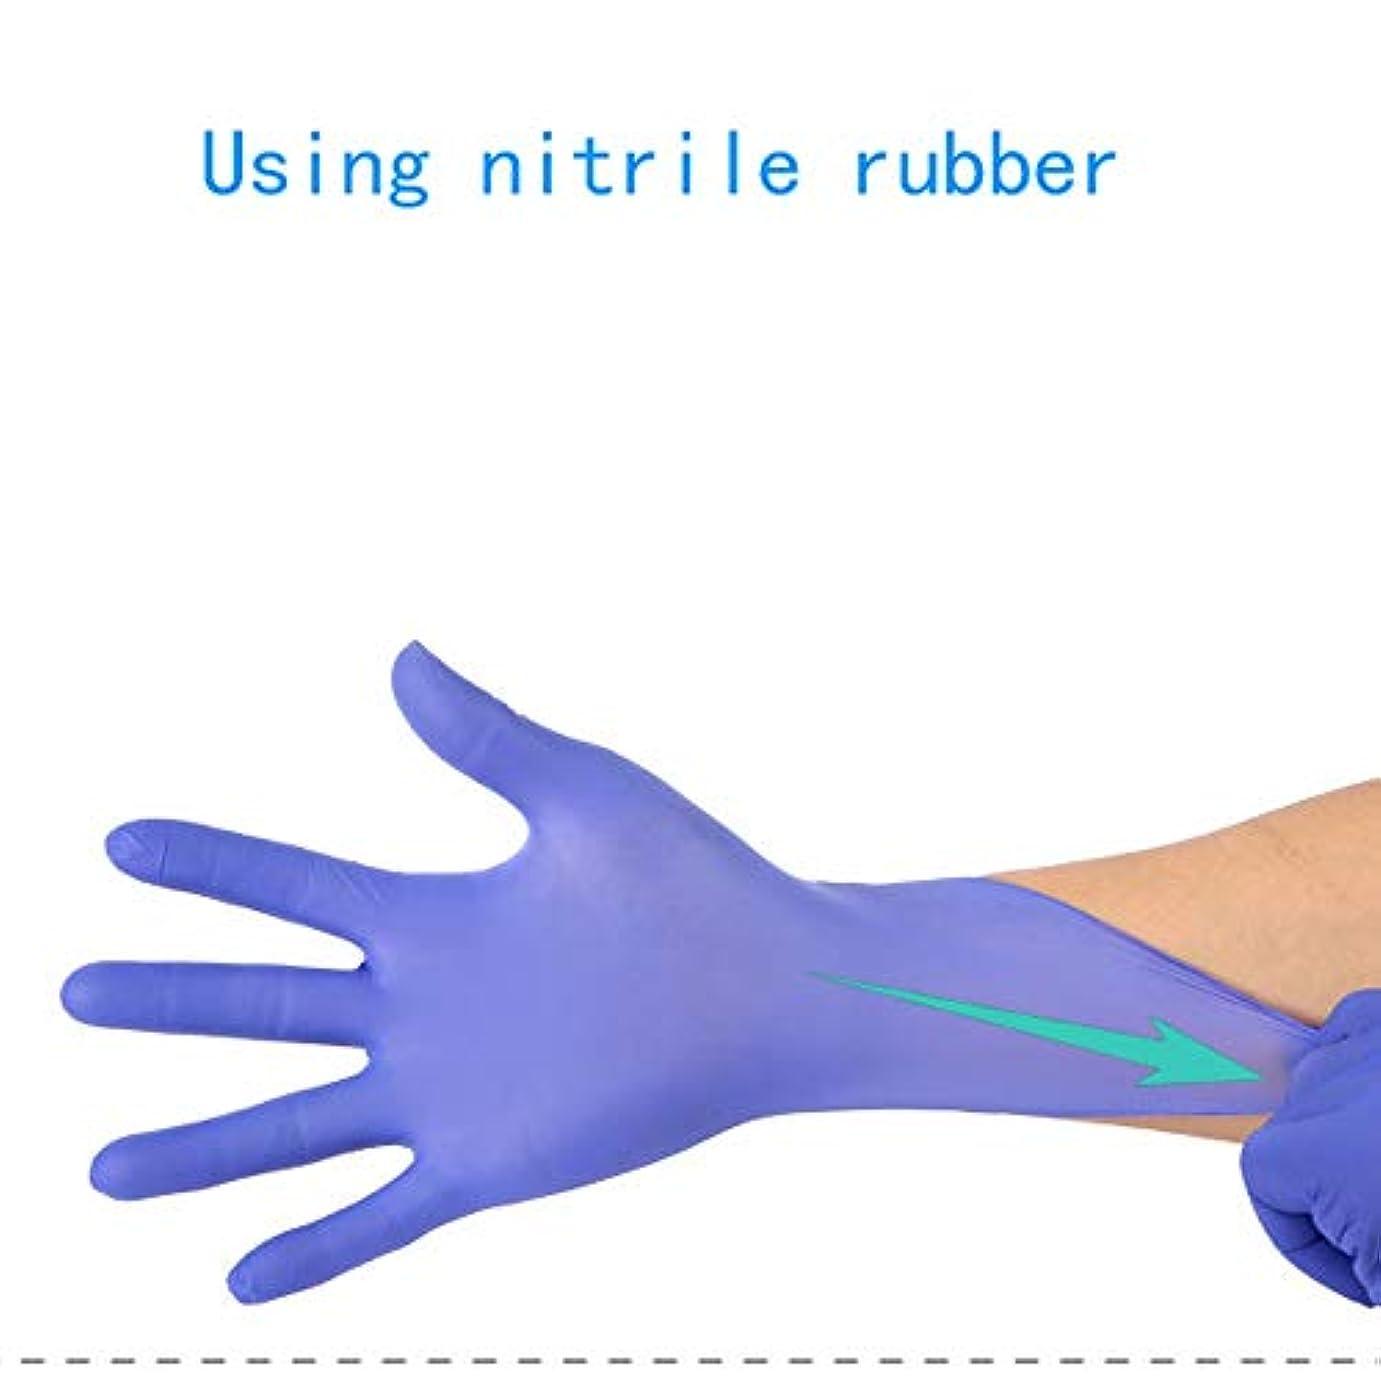 望ましい素晴らしさ特徴ニトリル医療グレード試験用手袋、使い捨て、ラテックスフリー、100カウント、滅菌済み使い捨て安全手袋 (Color : Purple, Size : L)